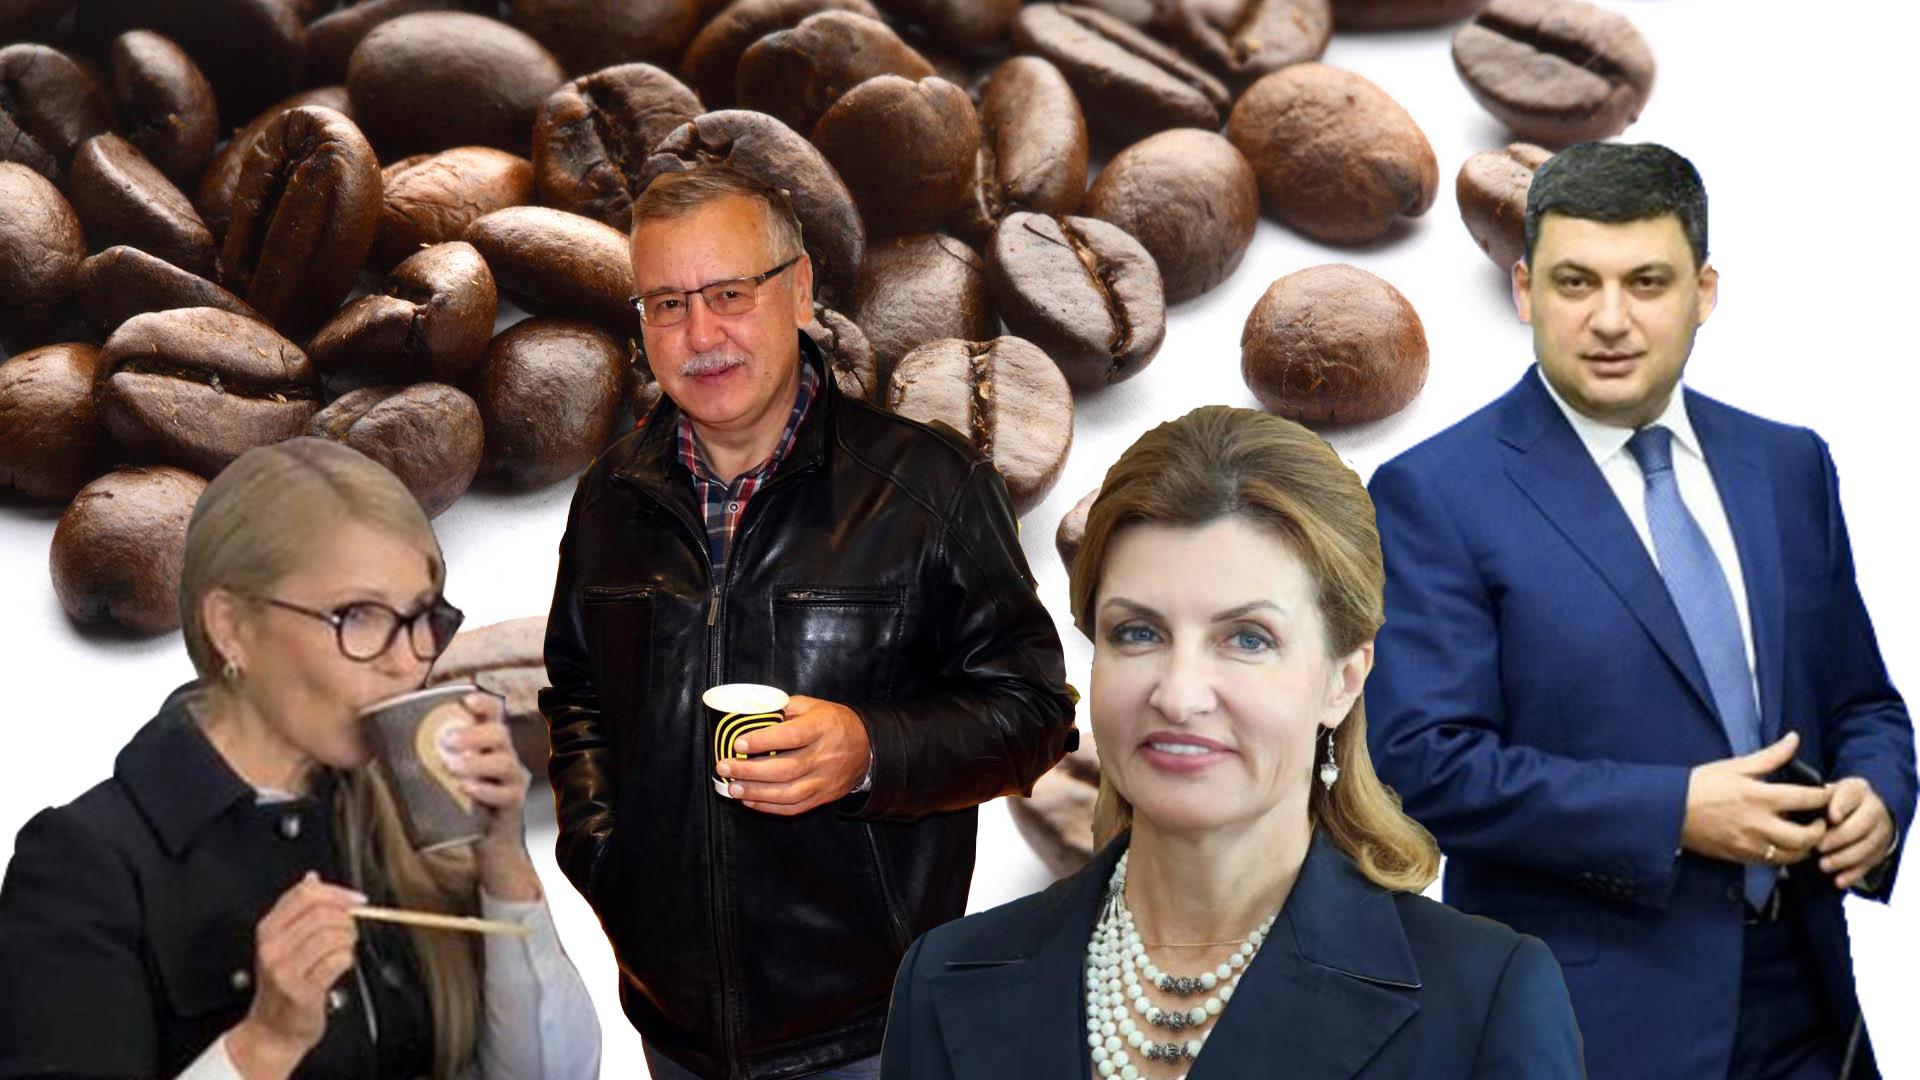 По вуха у каві: який тренд вигадали політики, аби завоювати симпатії електорату (відео, фото)